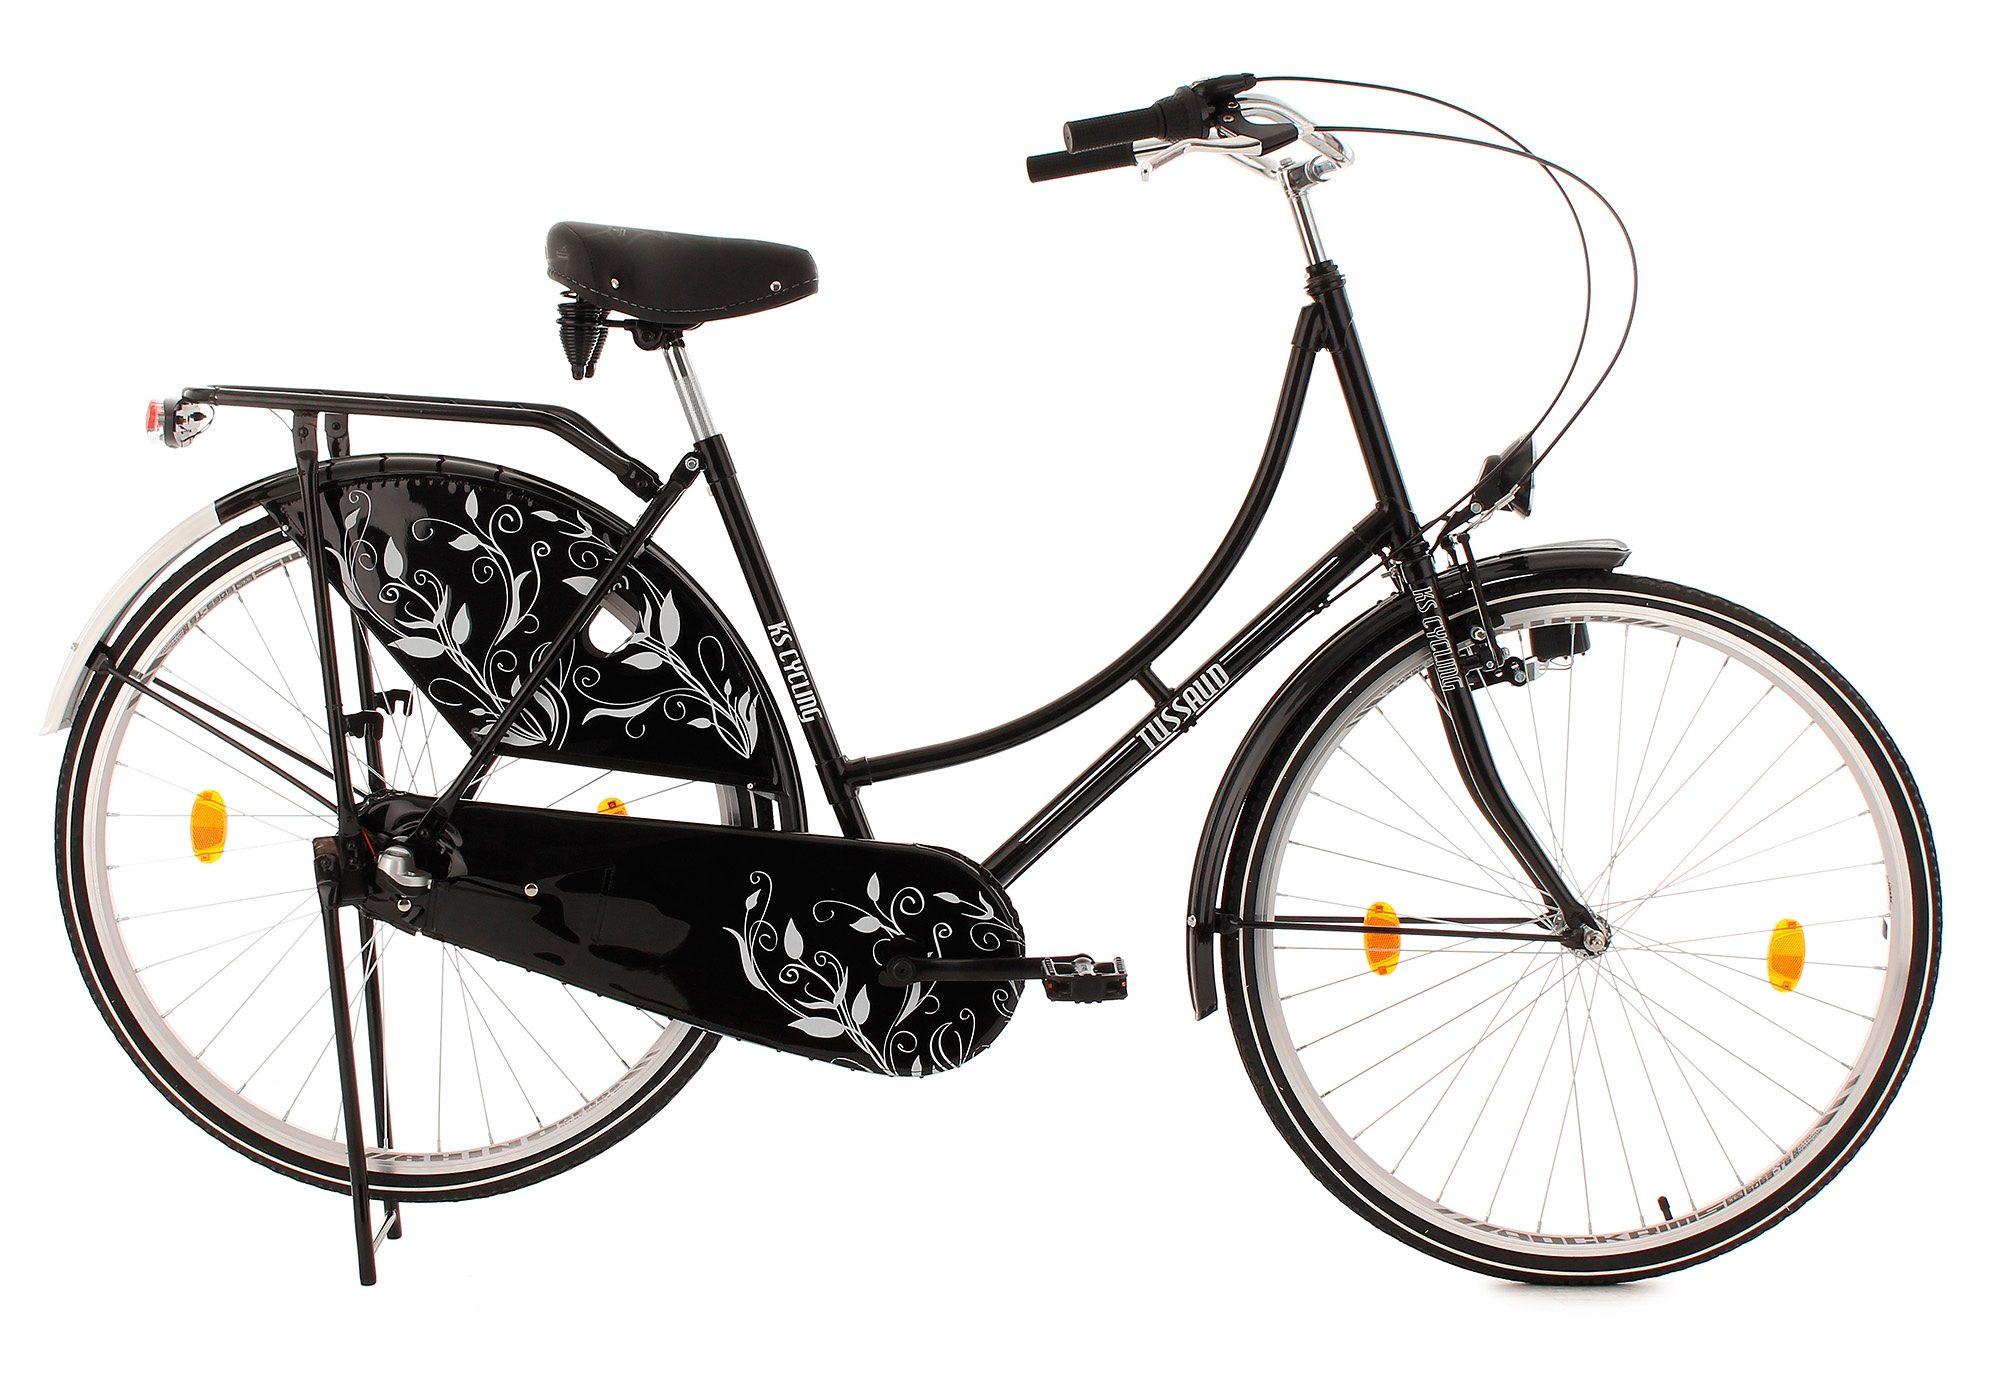 Hollandrad, 28 Zoll, 3 Gang Nabenschaltung, schwarz, »Tussaud Bellefleur«, KS Cycling